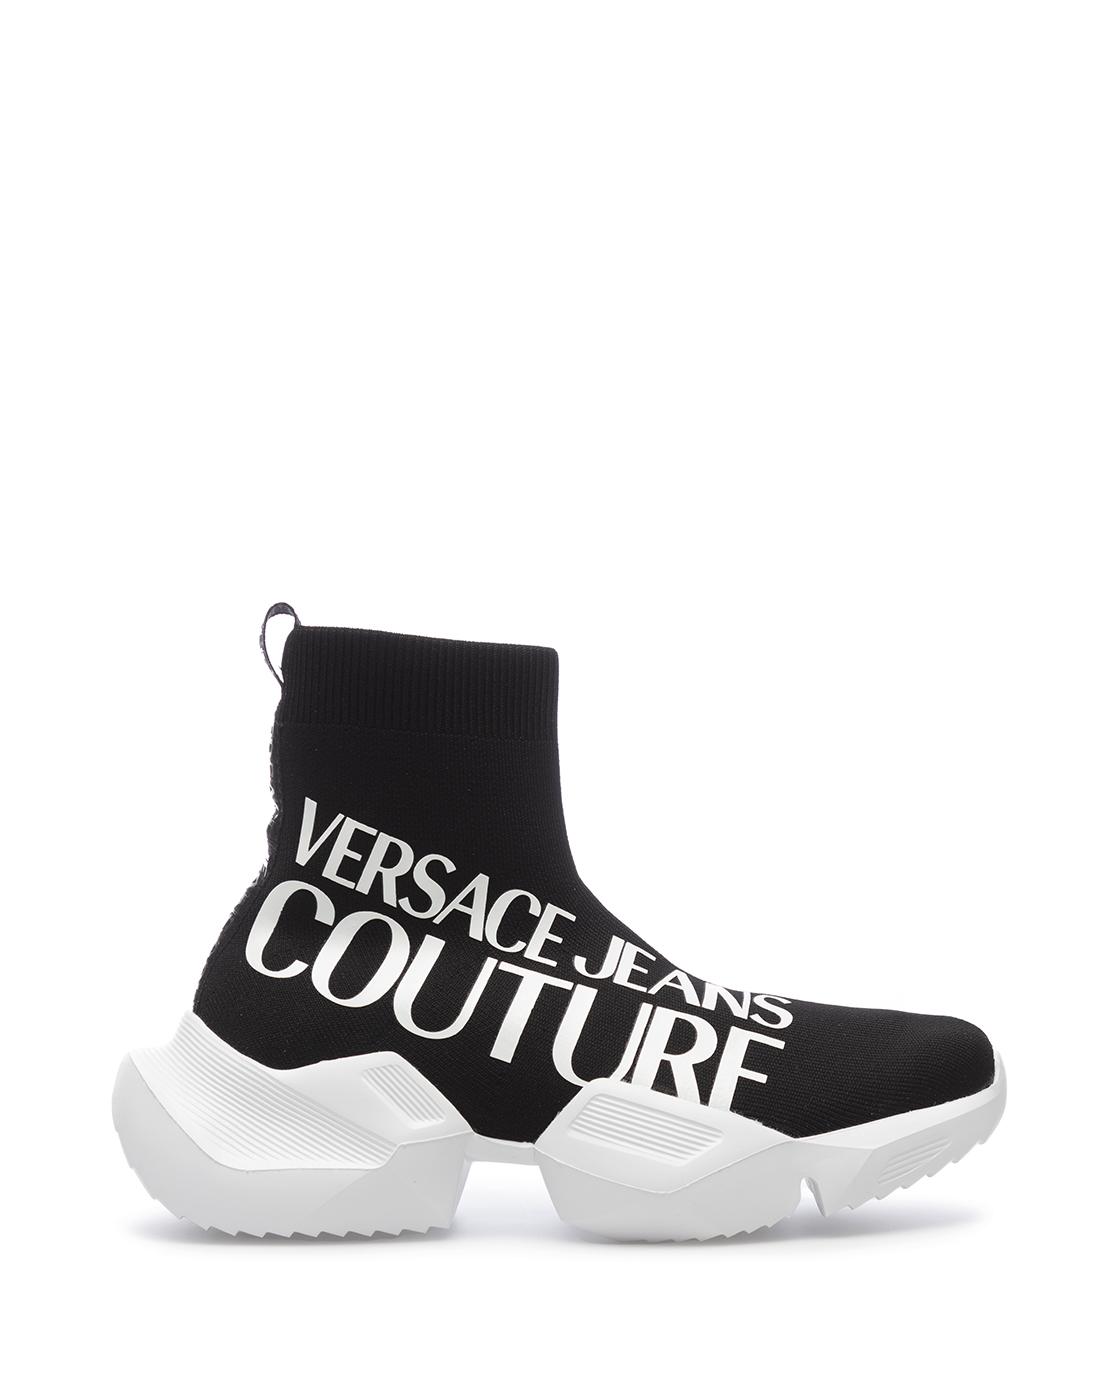 miniature 3 - Sneakers Hommes VERSACE JEANS COUTURE E0YZASU3 71624 M60 Synthétique Noir